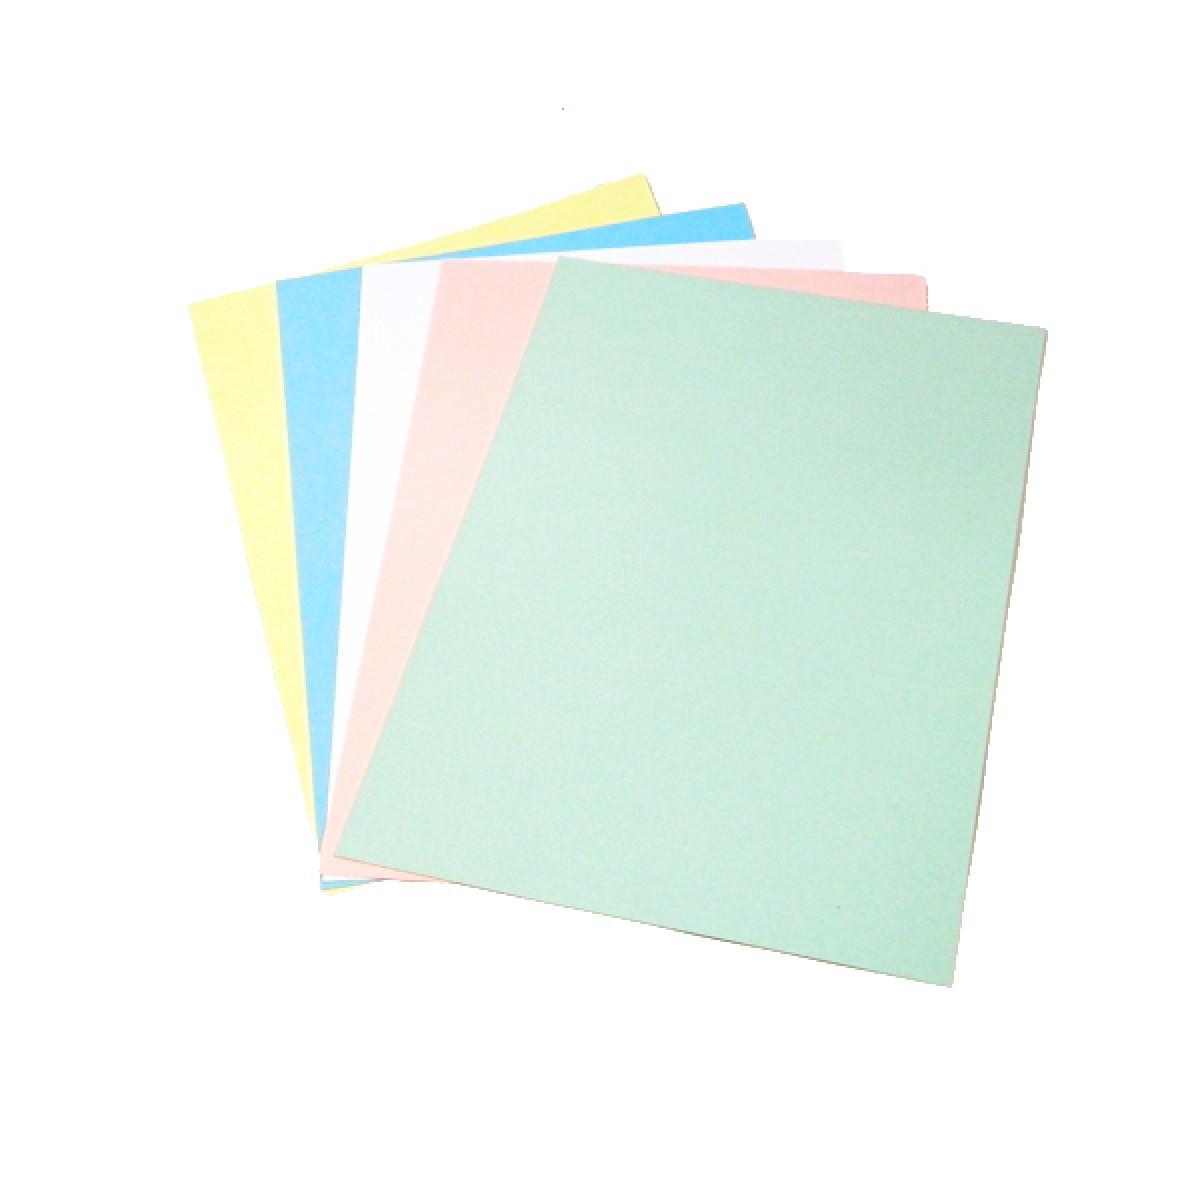 Cartulina bristol a4 v colores unidad for Papel para oficina